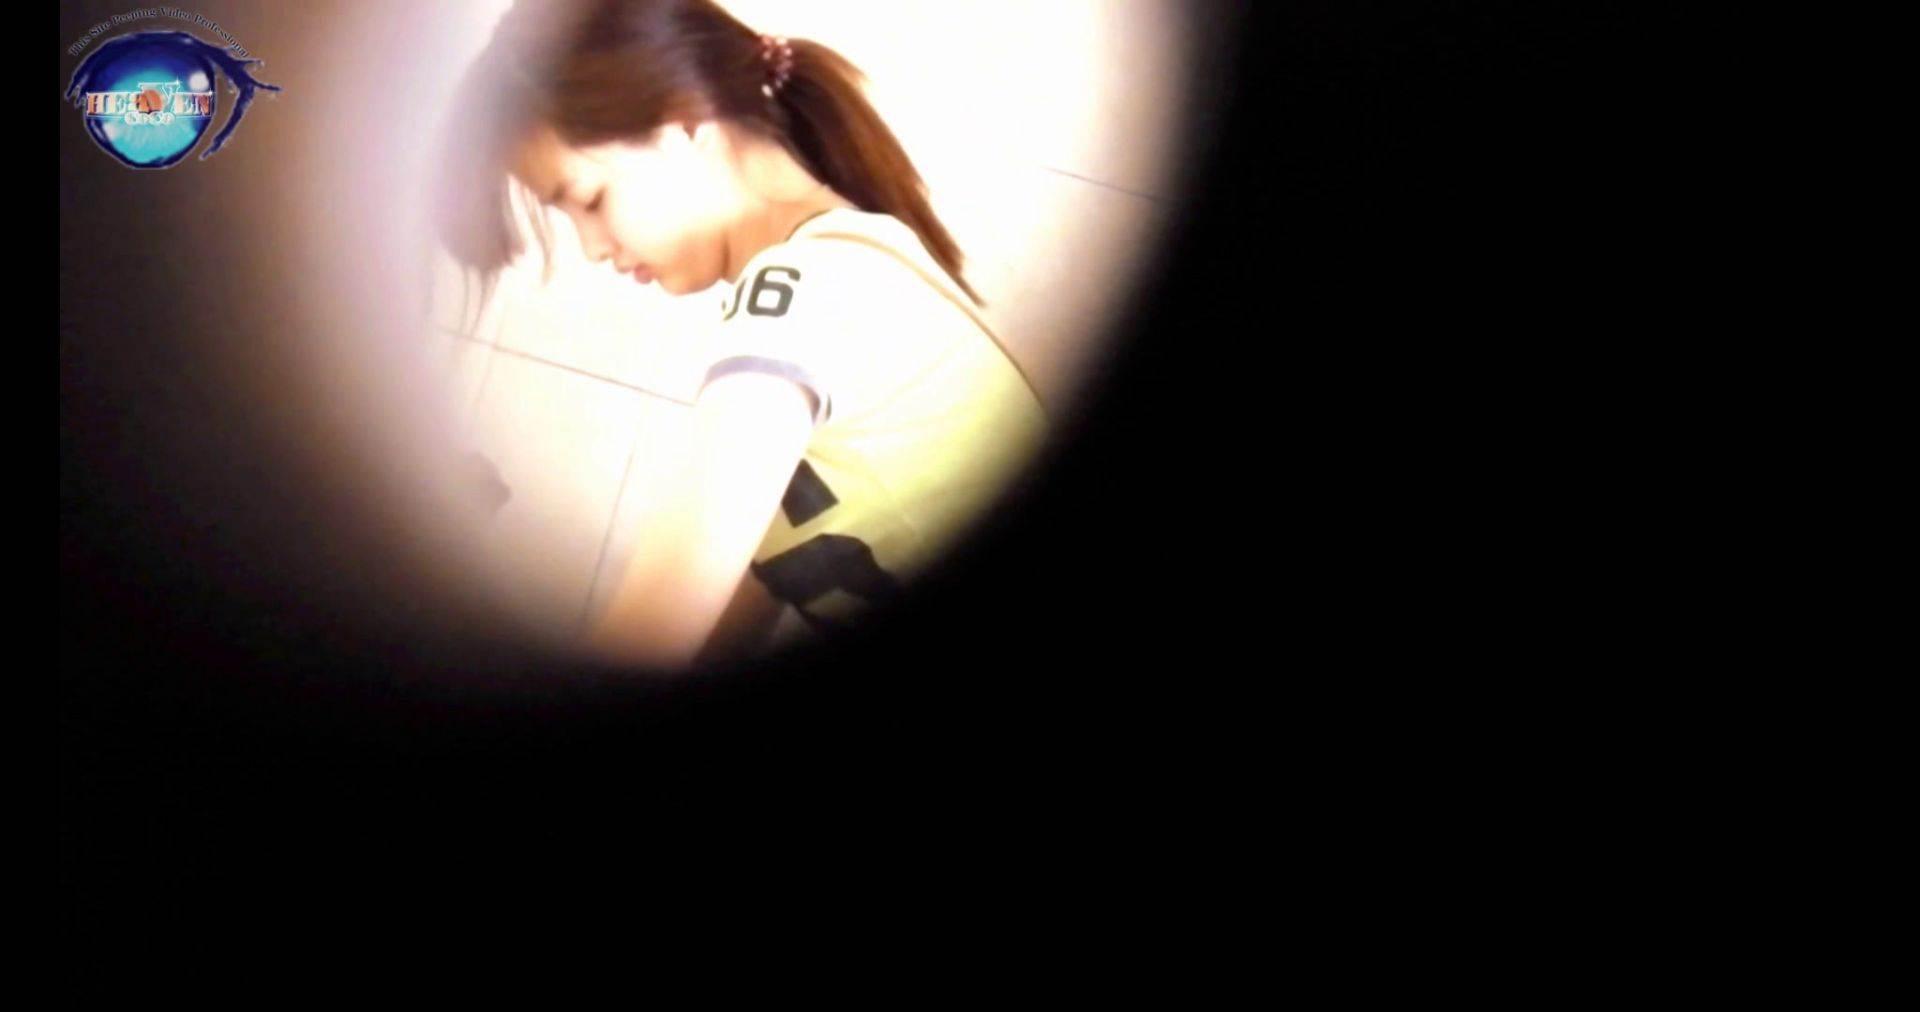 【世界の射窓から】世界の射窓から vol.32 OLエロ画像 | 洗面所  113PICs 57